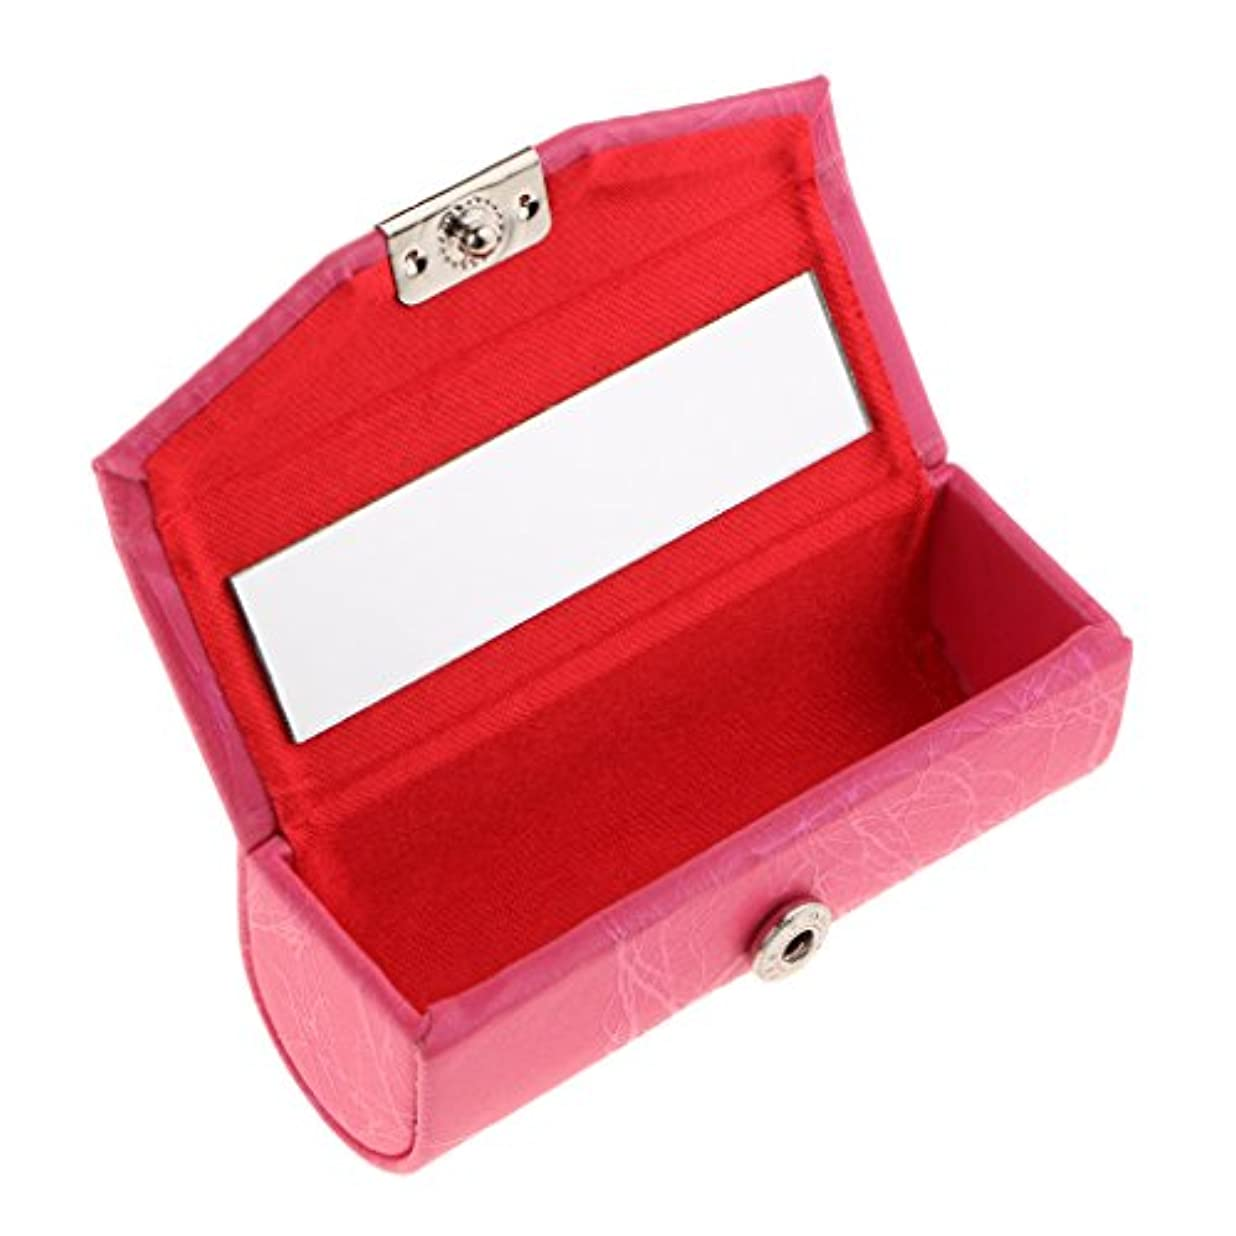 Blesiya リップスティックケース ミラー付き レザー リップスティック リップグロスケース 収納ボックス メイクホルダー 多色選べる - ローズレッド